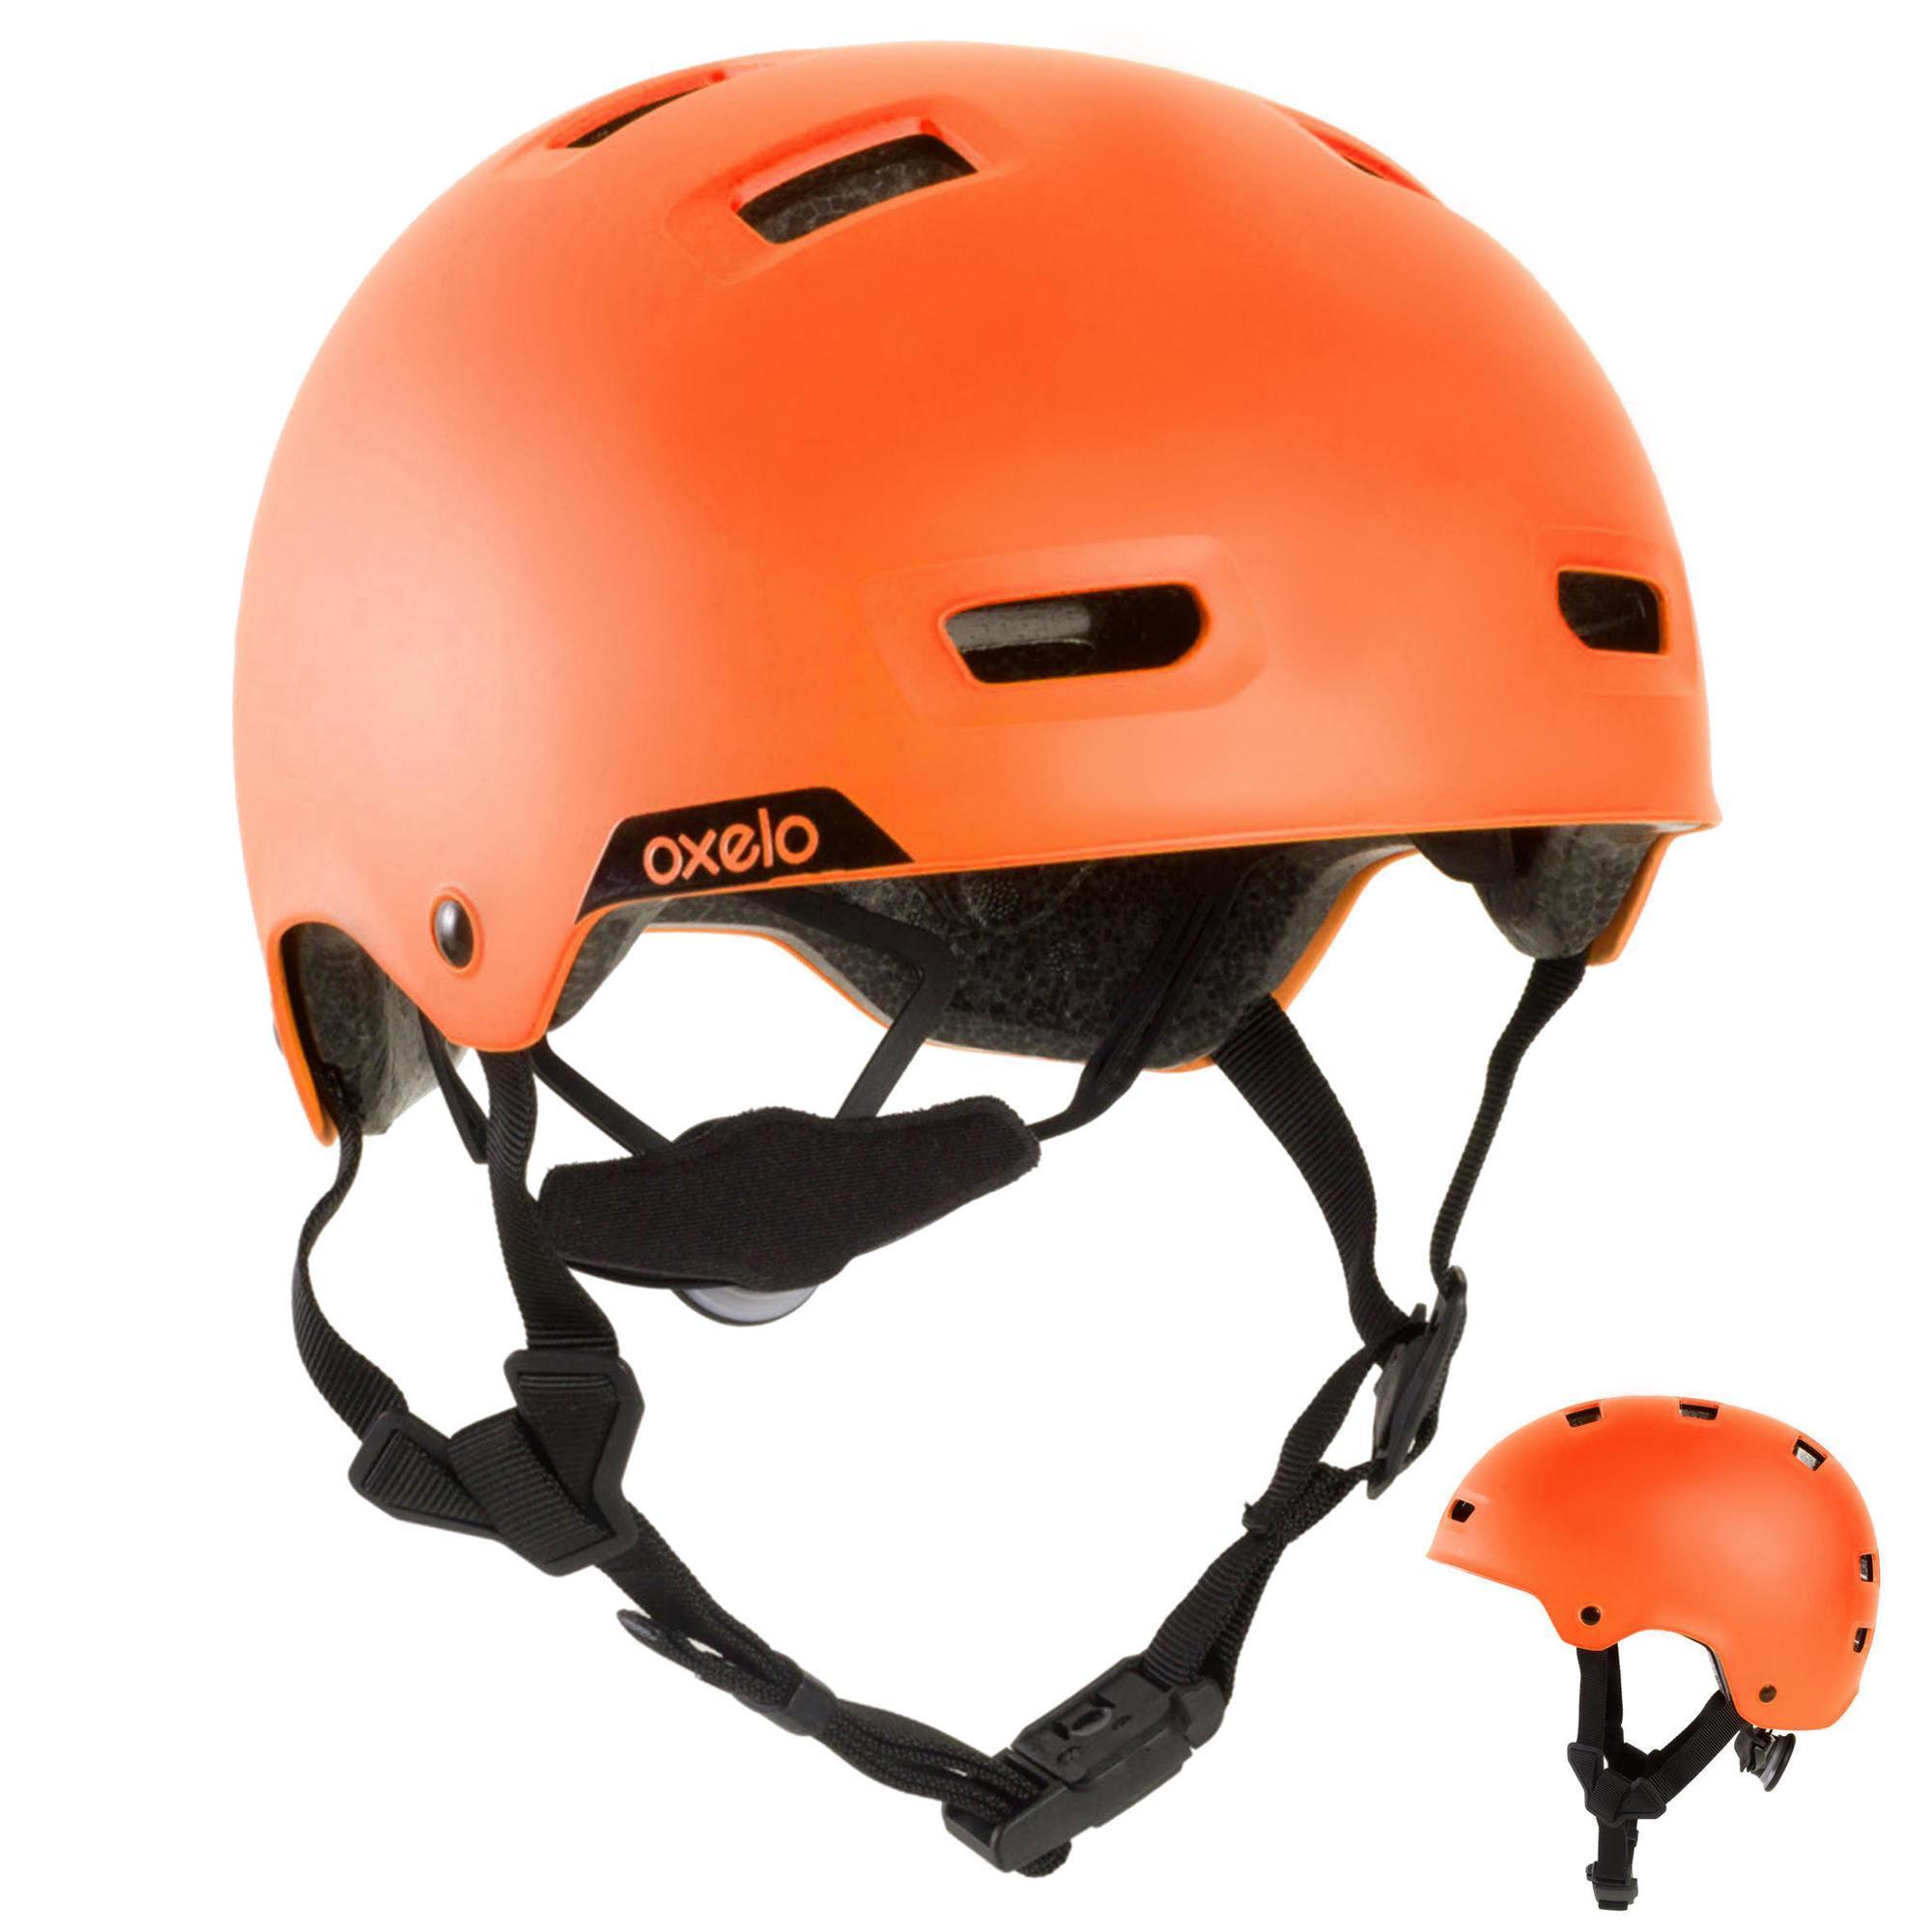 Oxelo Helm voor skeeleren, skateboarden, steppen MH 540 munt kopen